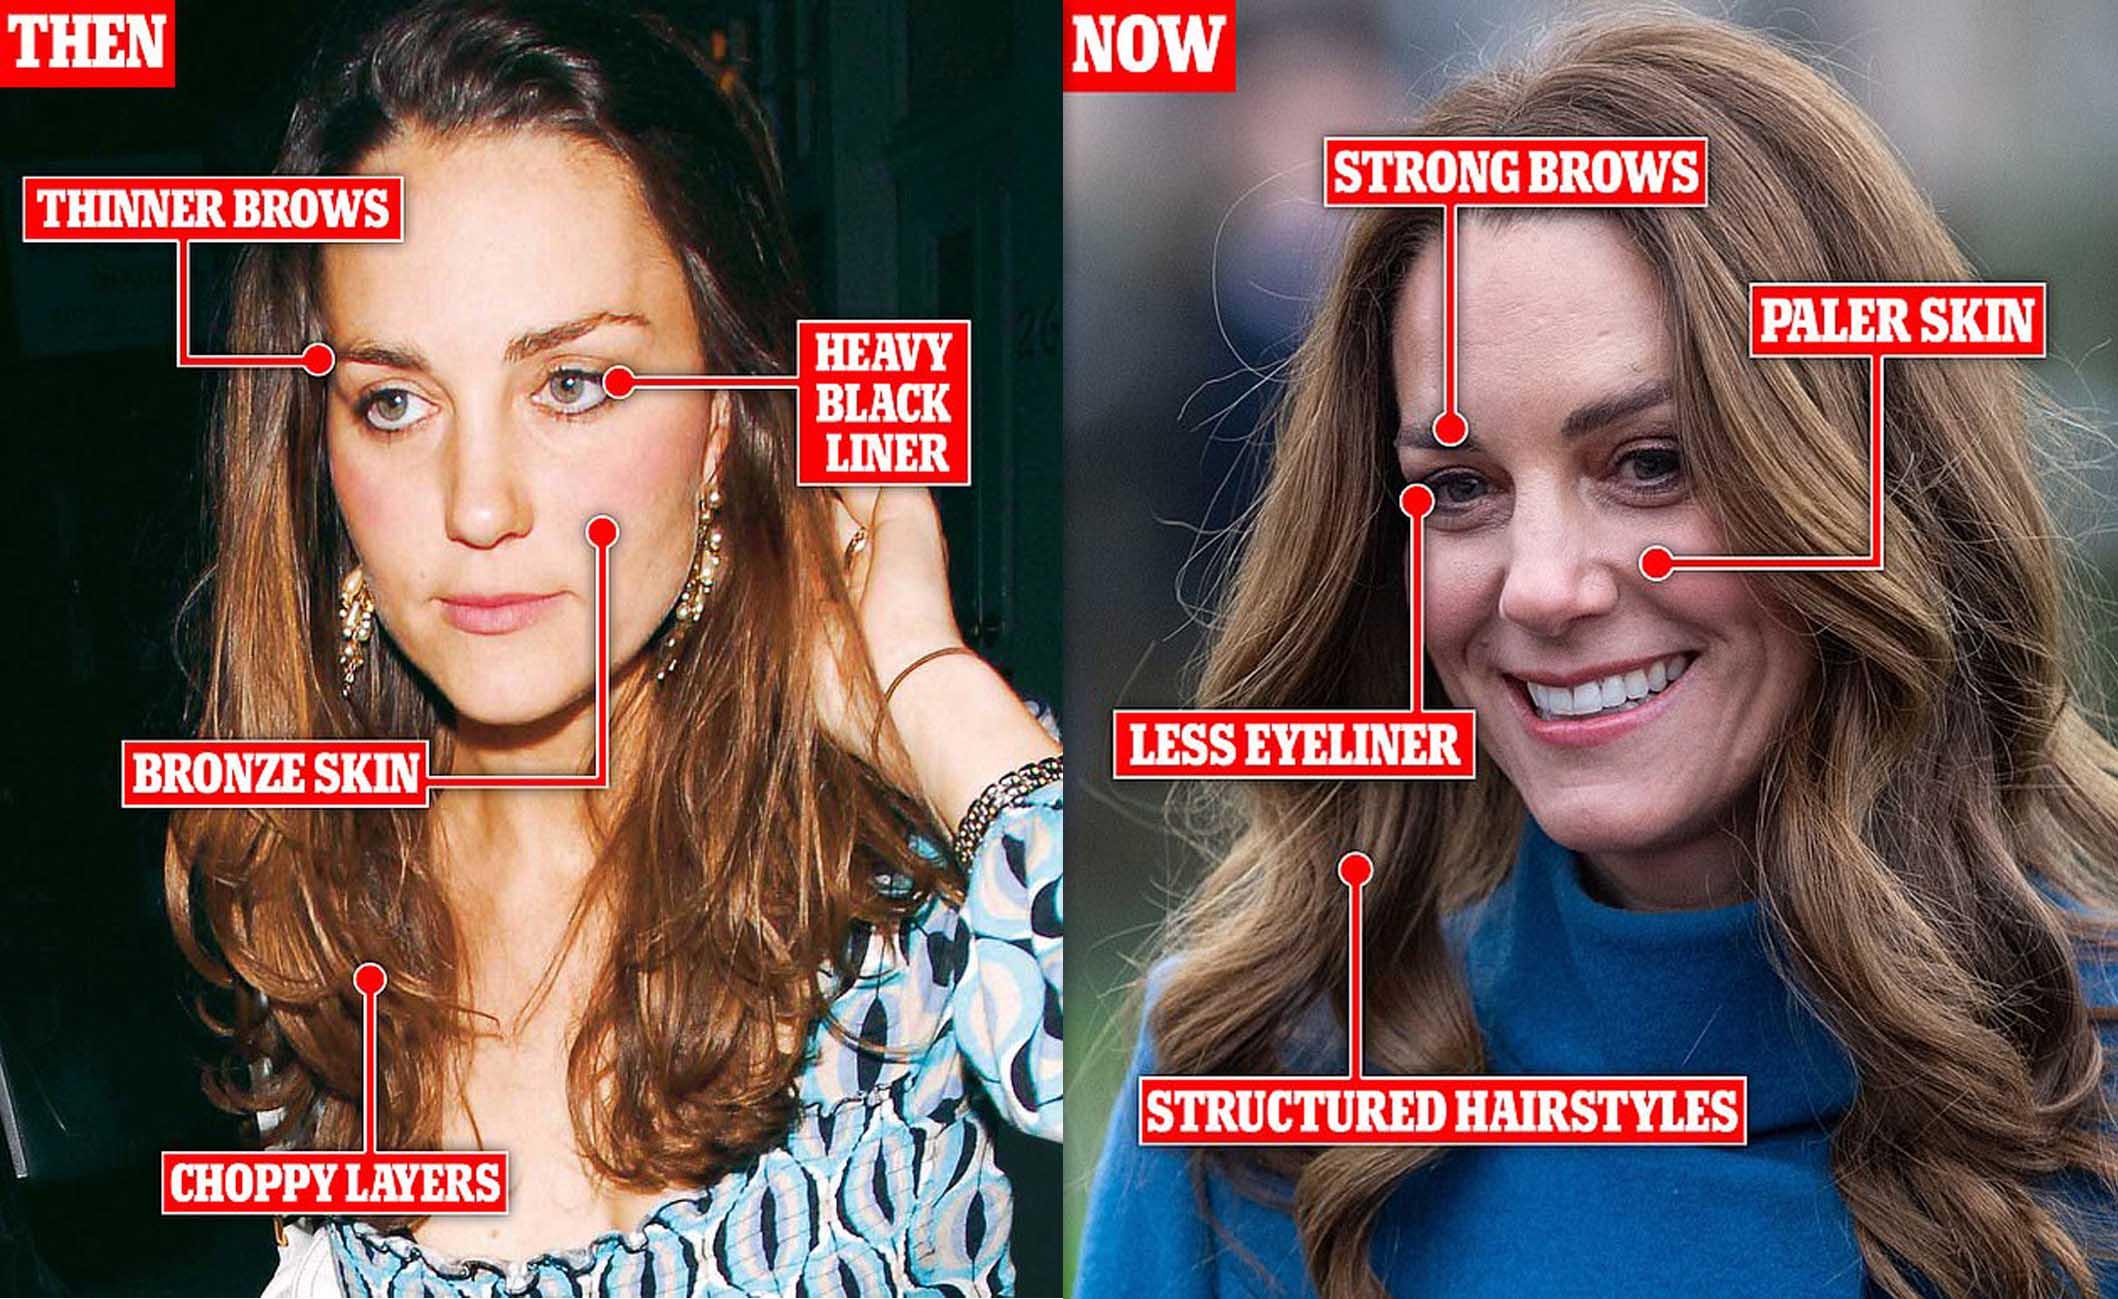 Chuyên gia trang điểm chỉ ra sự thay đổi trong phong cách của Kate trước và sau khi bước chân vào Hoàng gia.